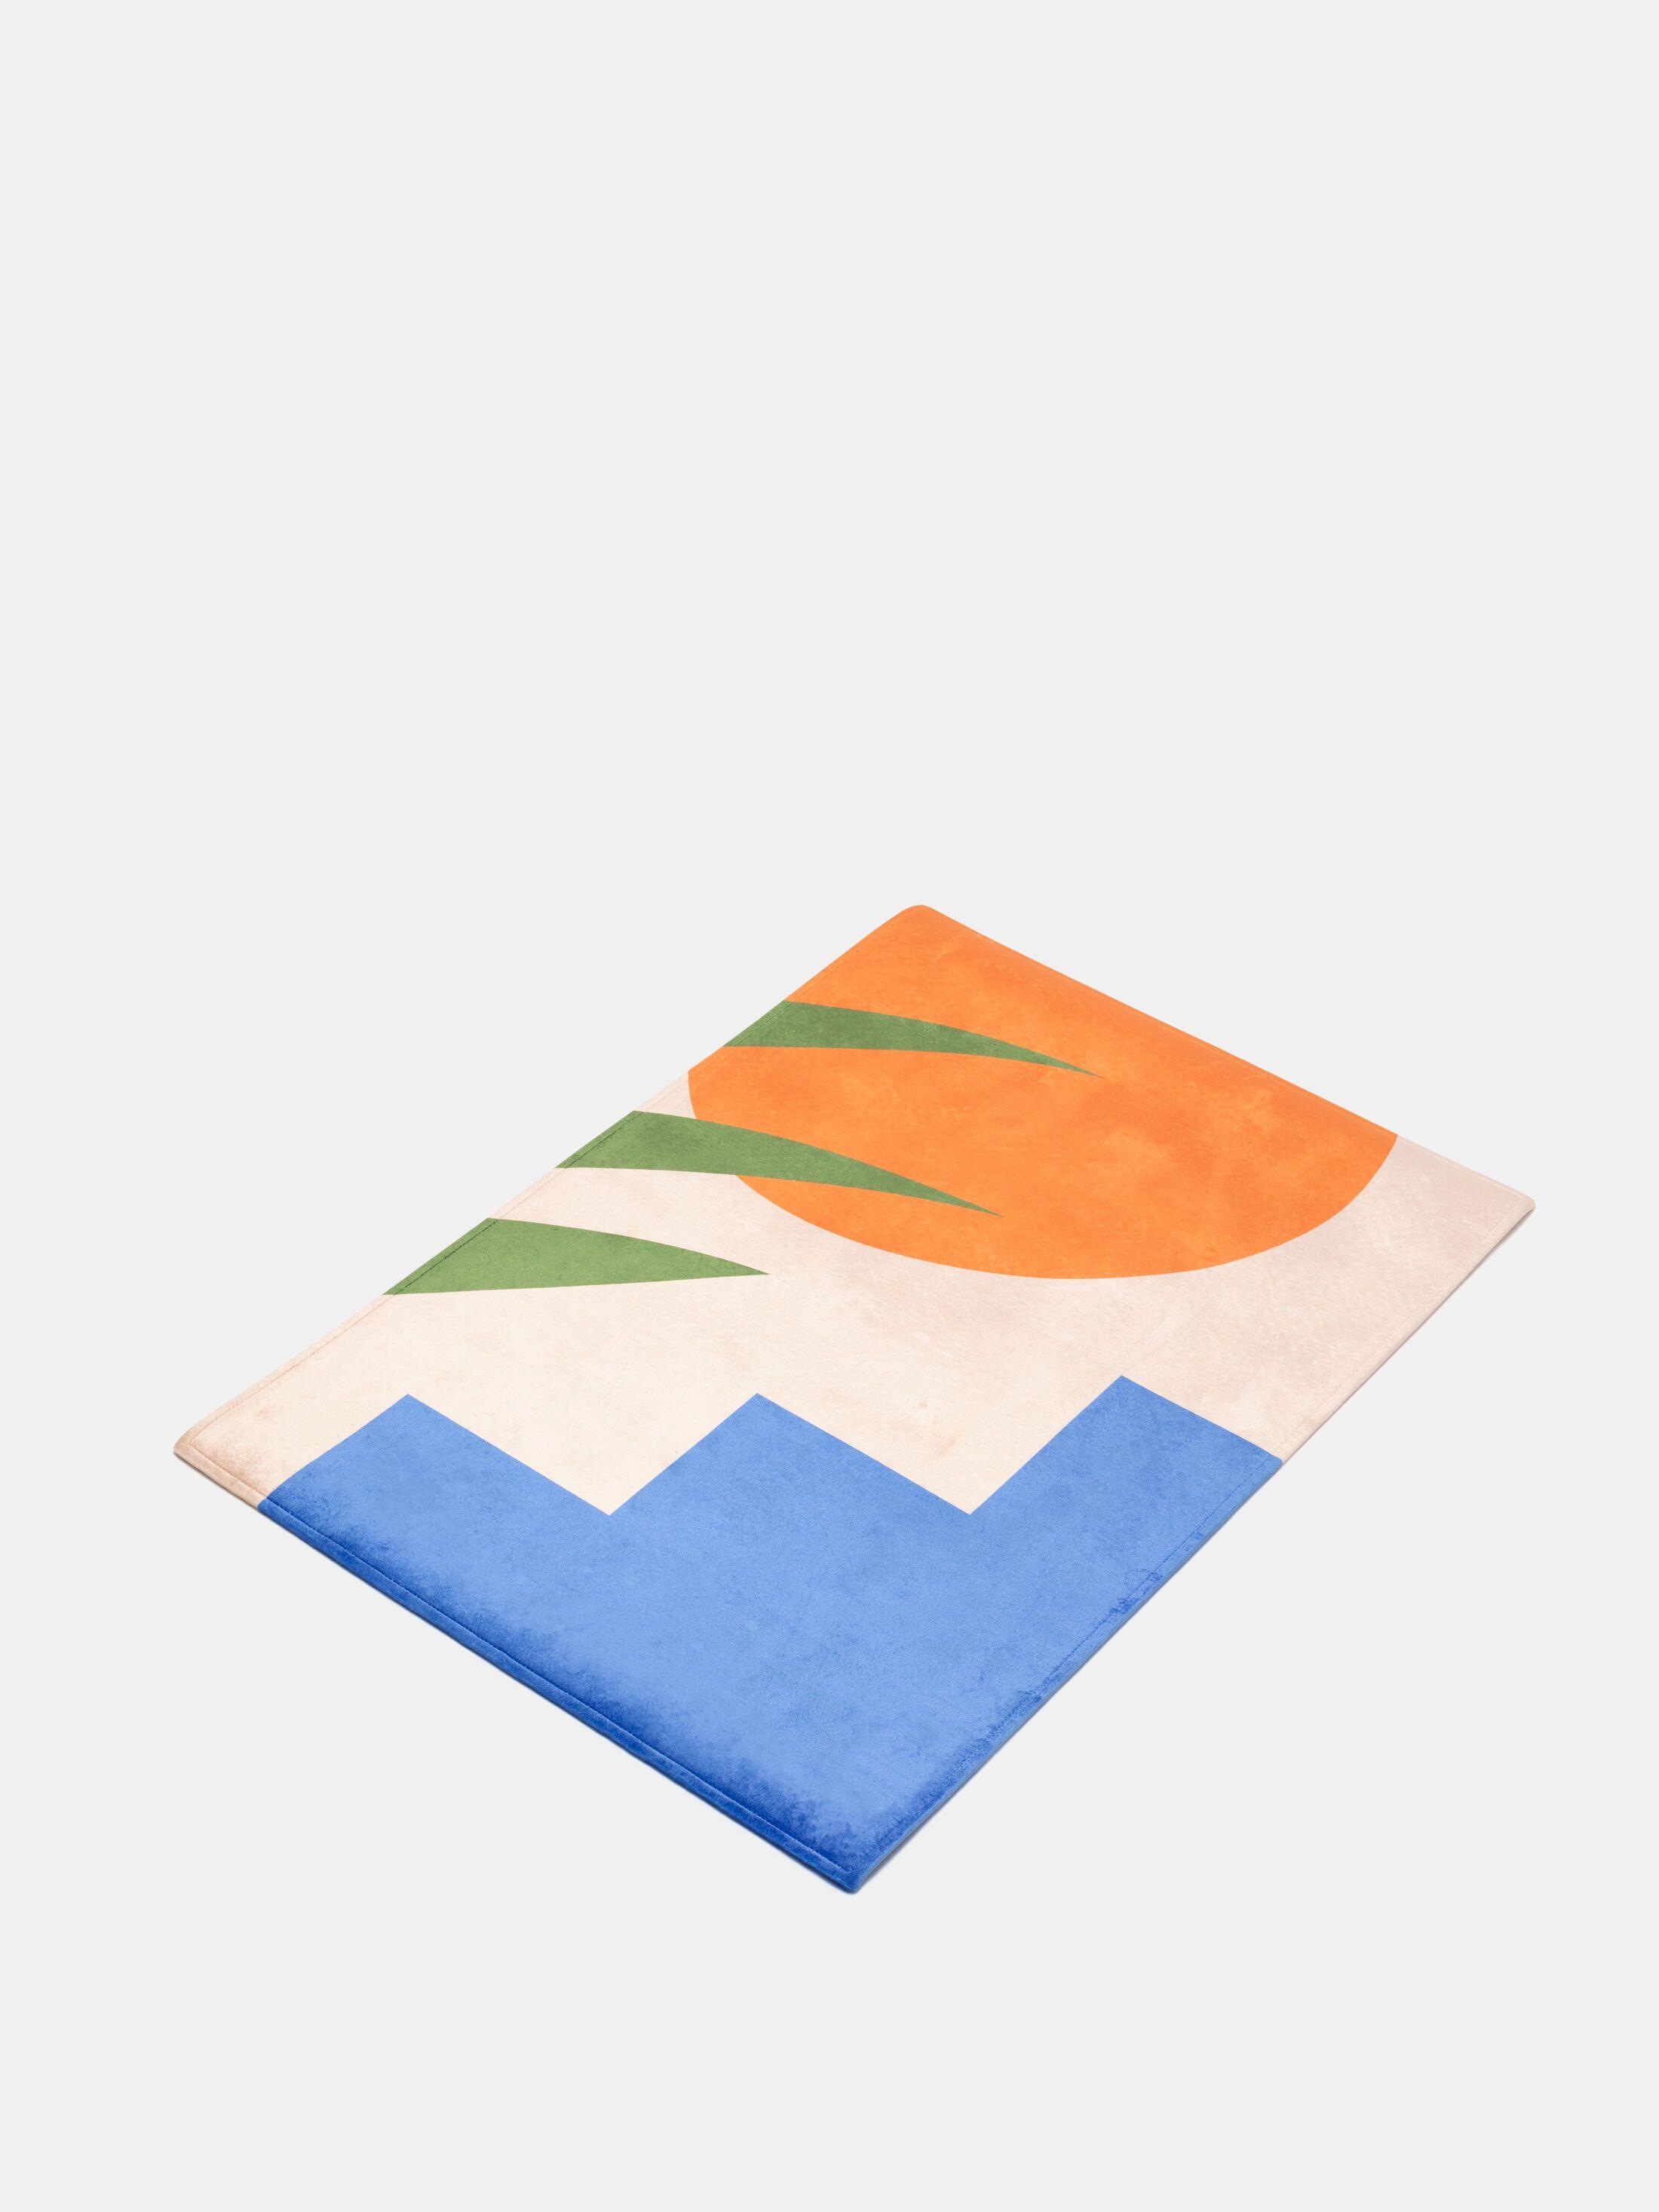 ラグマット デザイン印刷